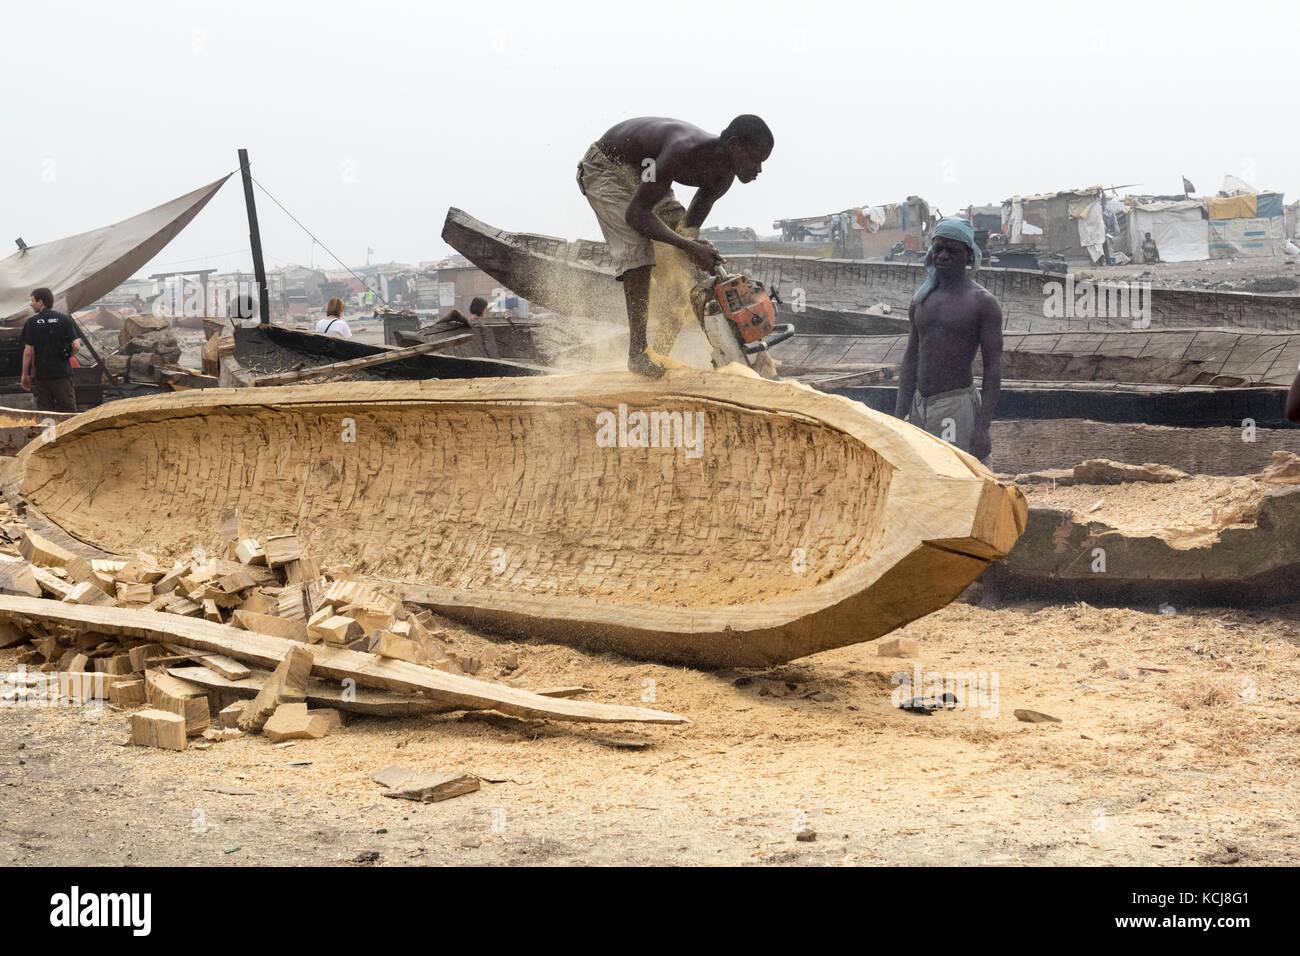 Accra Ghana December 28 2016 Men Build Wooden Boats In Accra